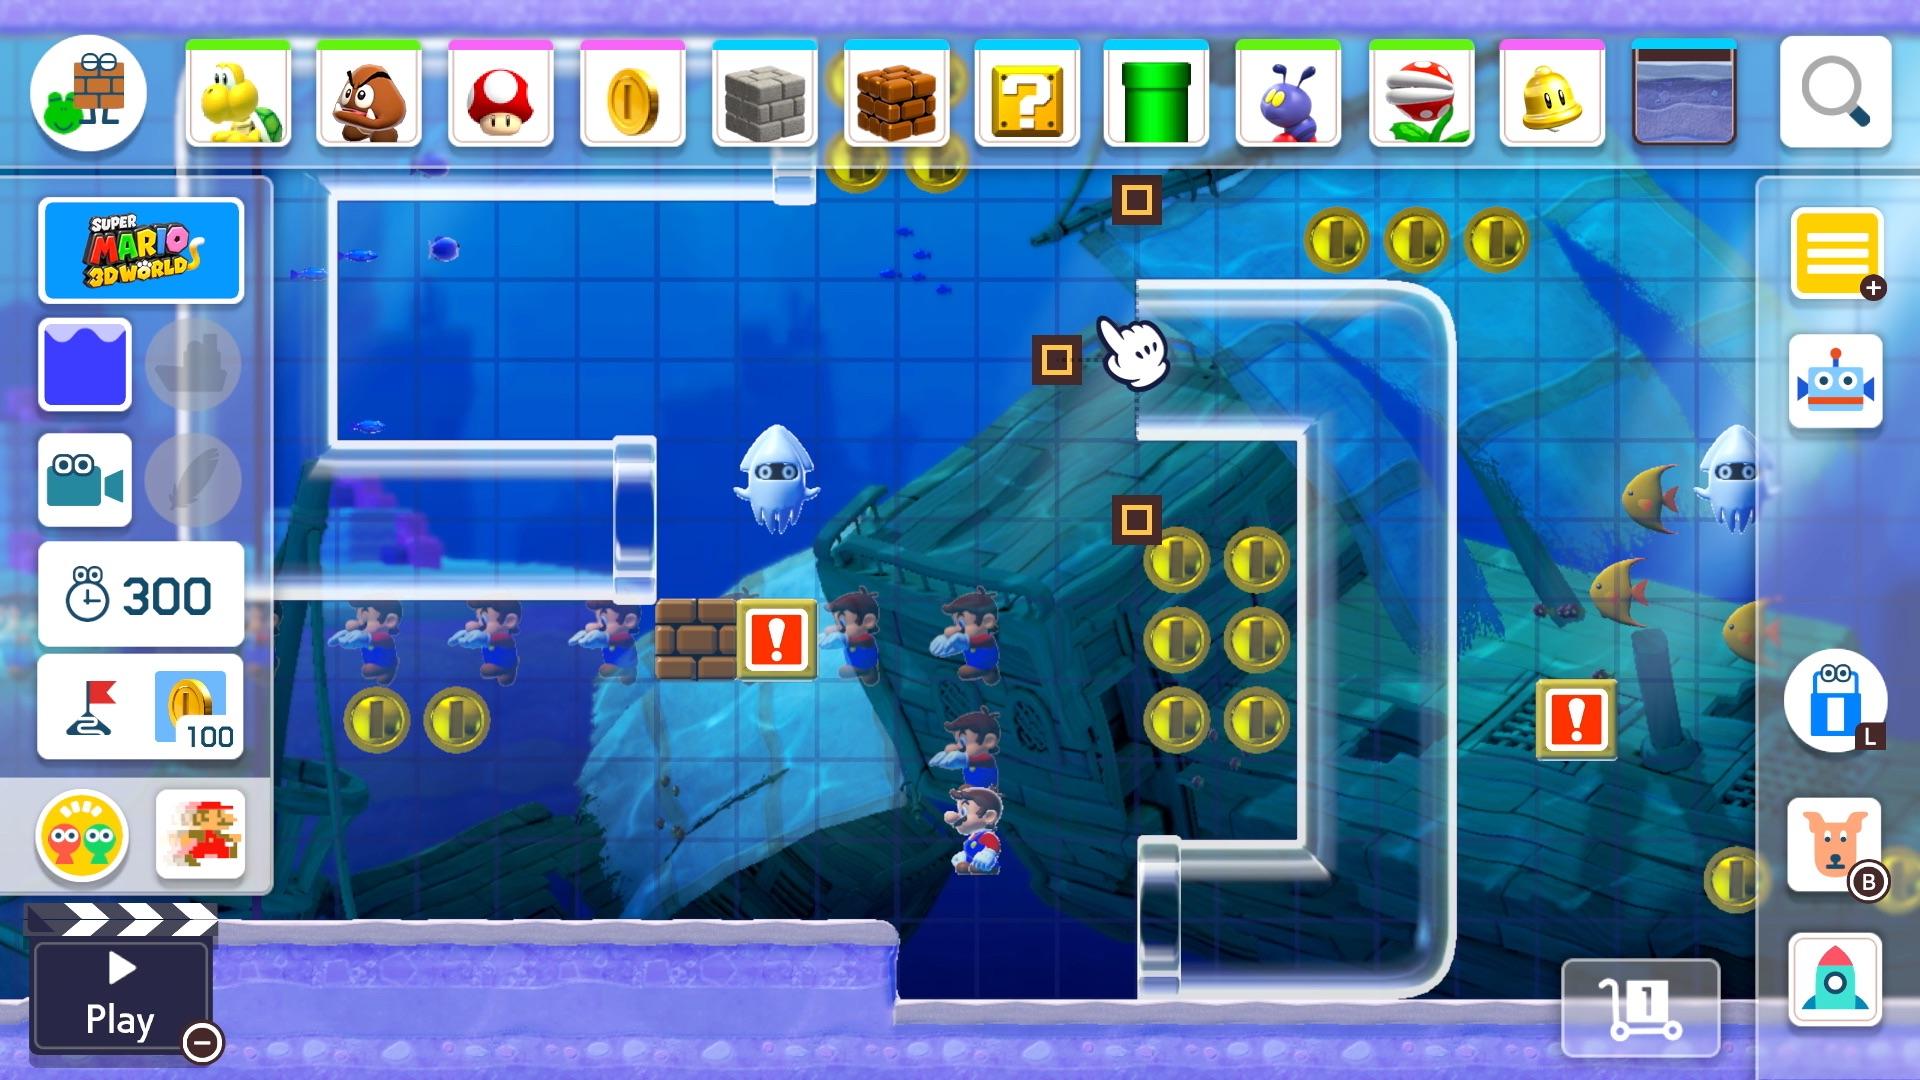 Super Mario Maker 2 Screenshot 15